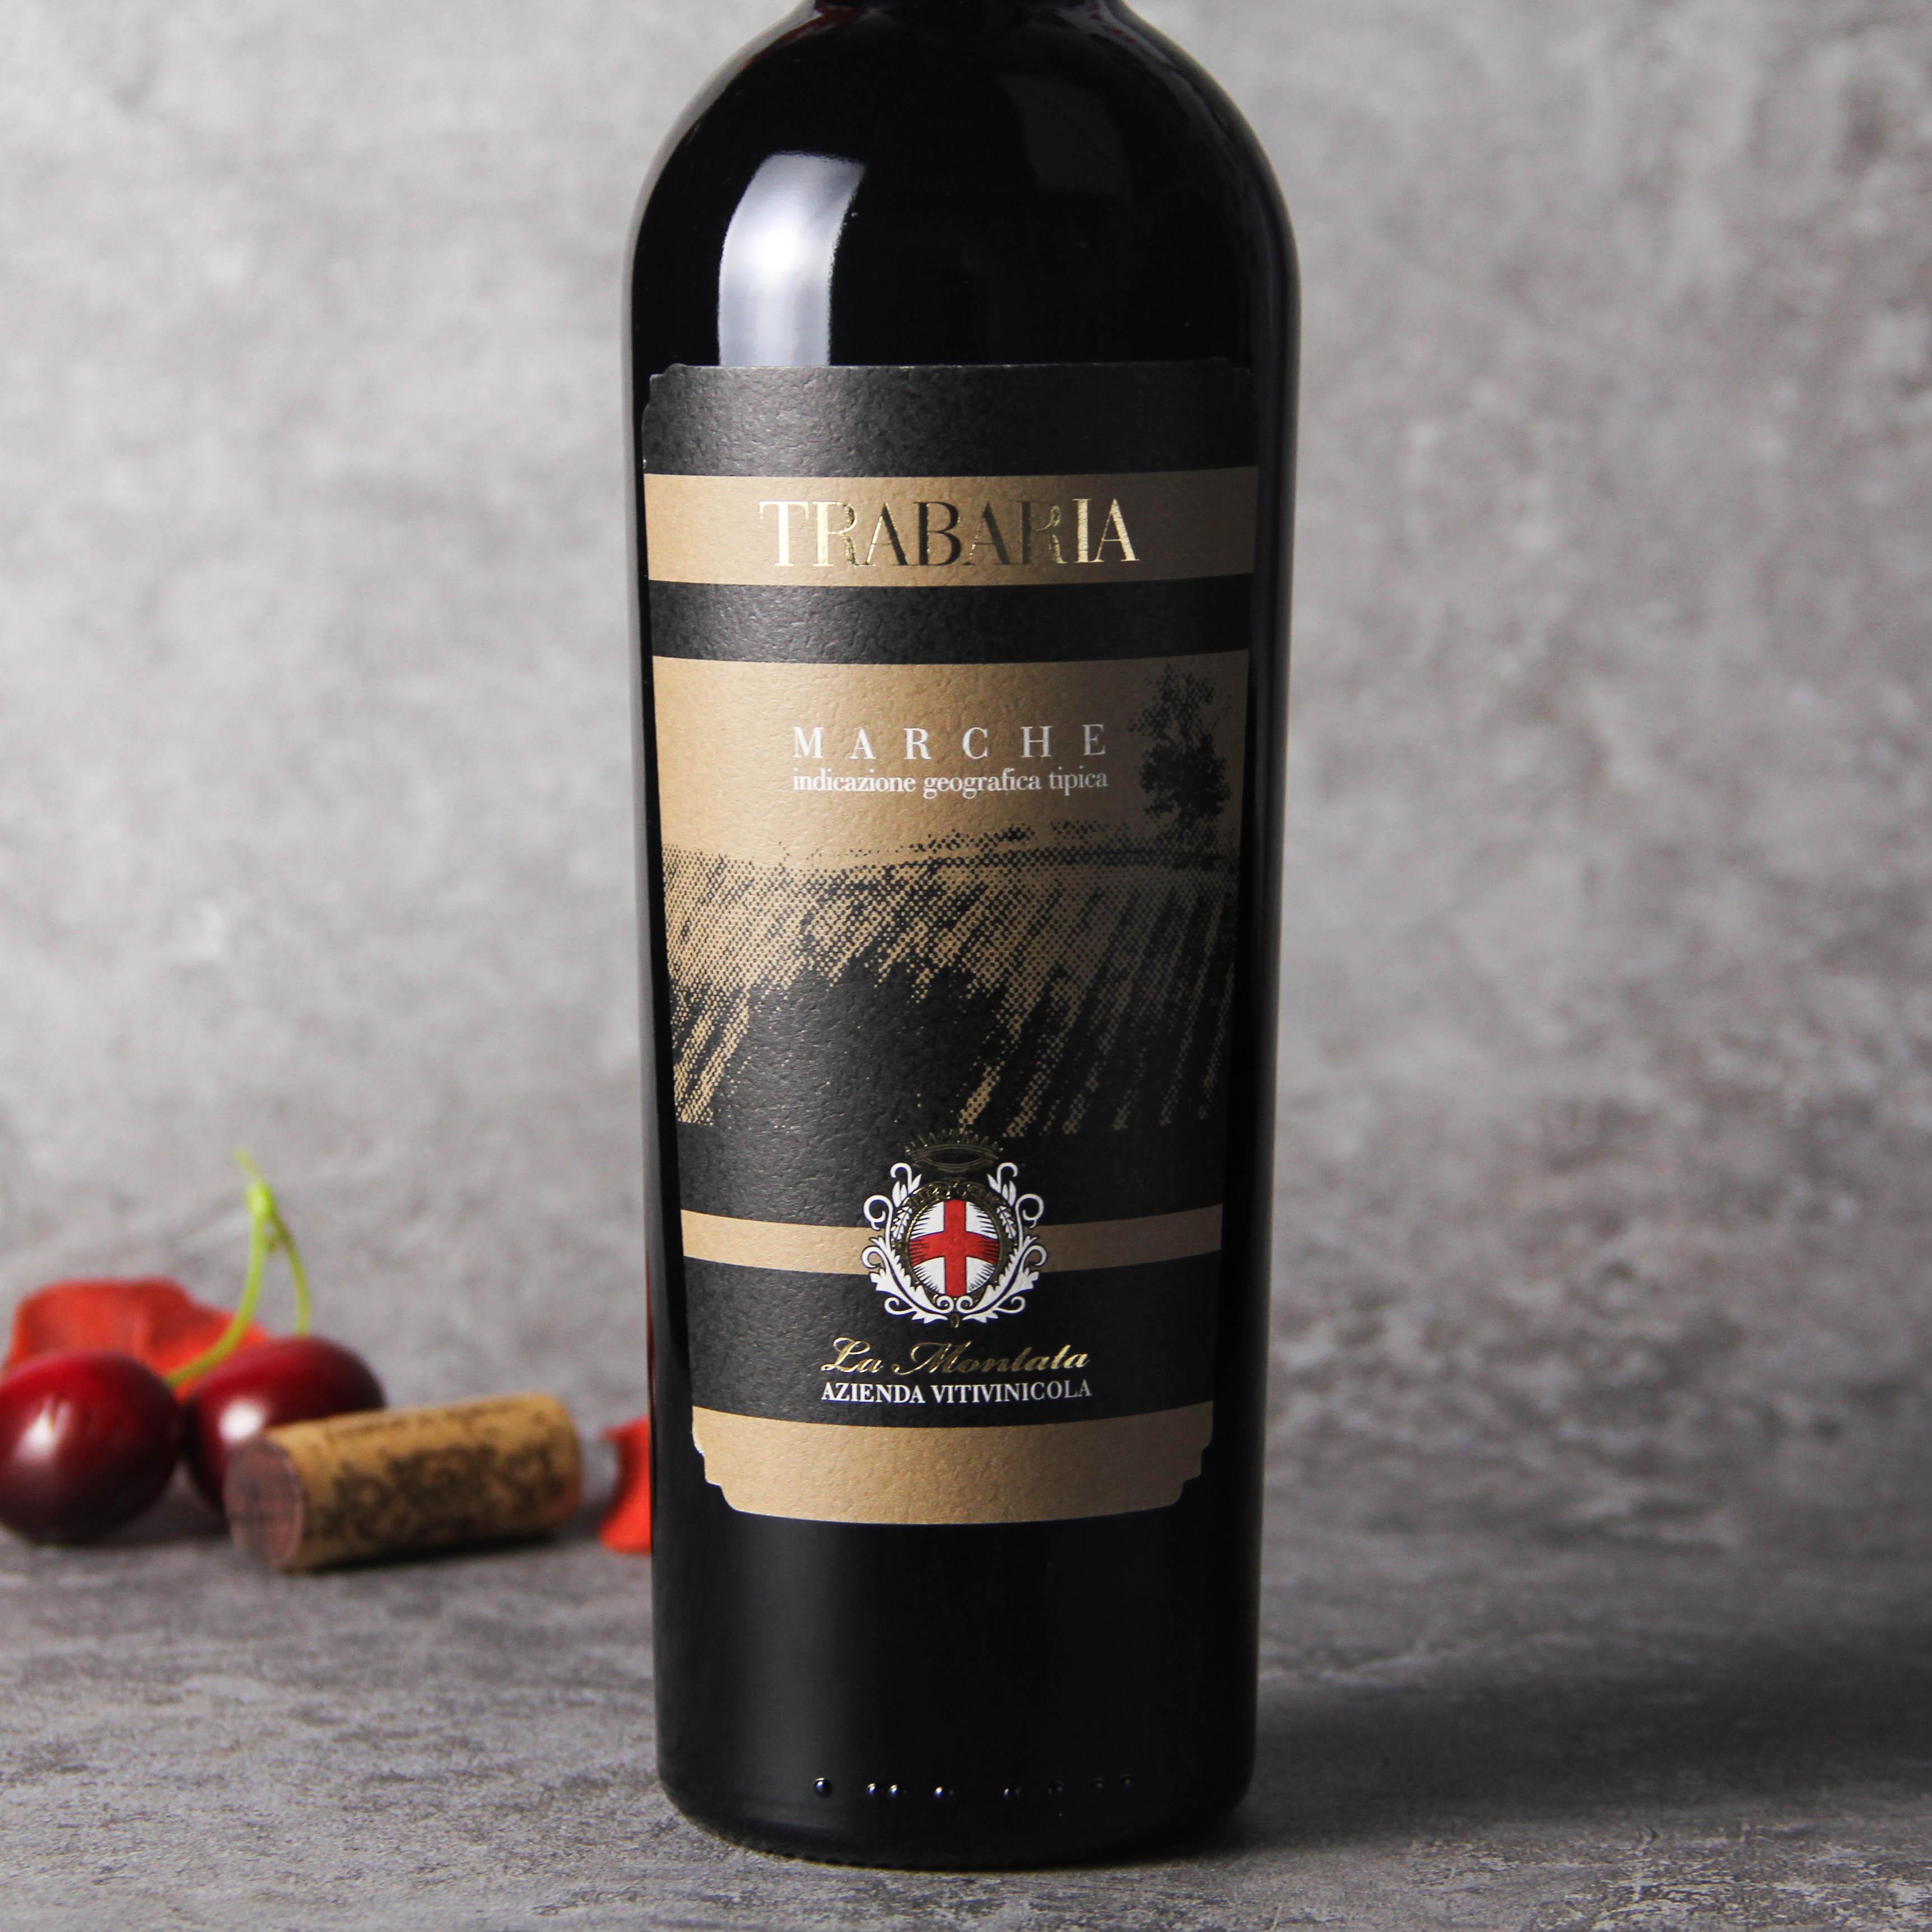 意大利马尔凯法定产区特巴利亚红葡萄酒红酒